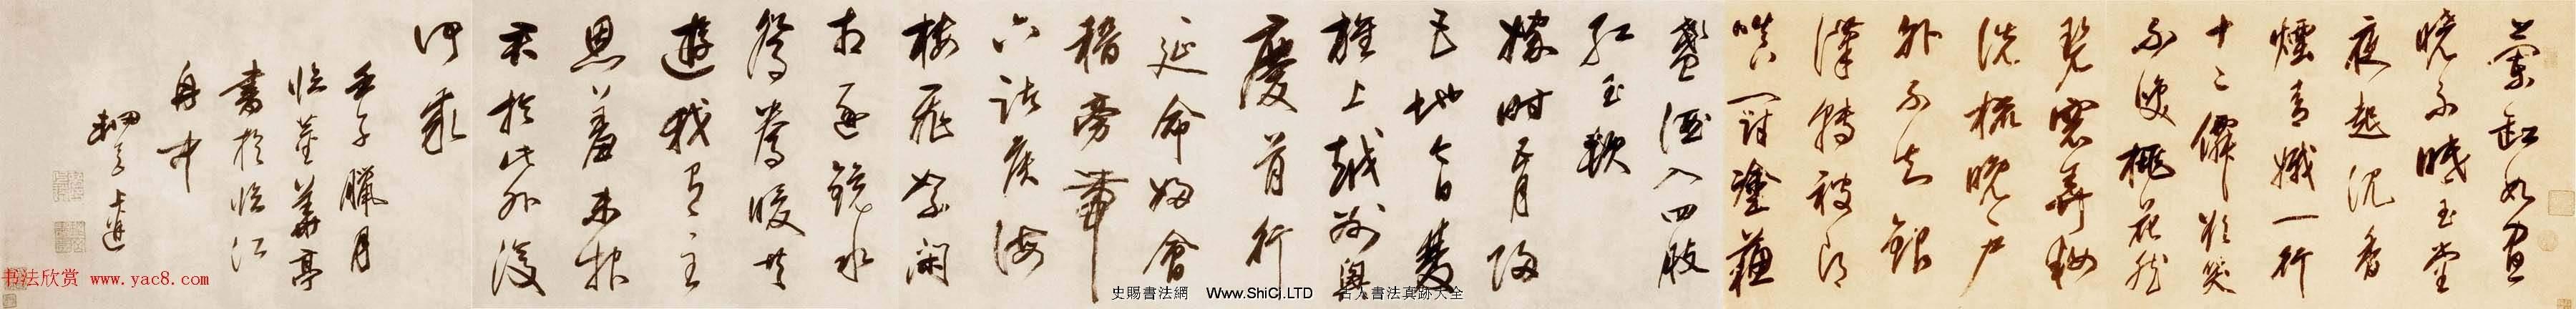 清代書畫家萬上遴書法行草長卷(共7張圖片)